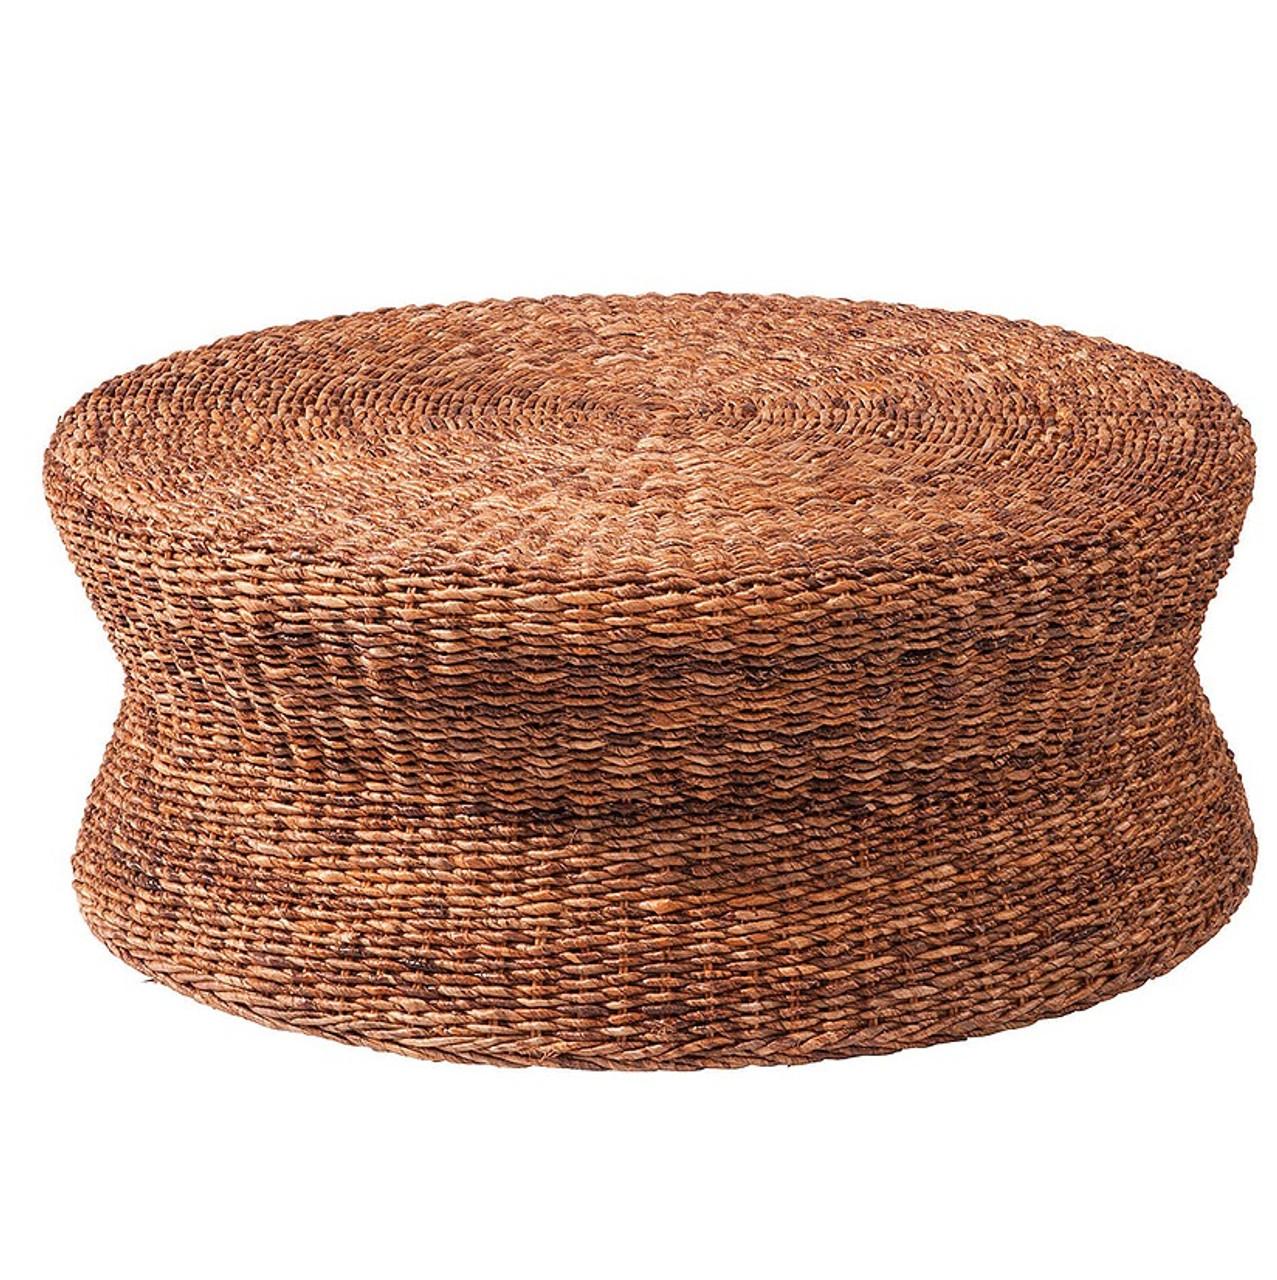 Lanai Woven Round Coffee Table Ottoman